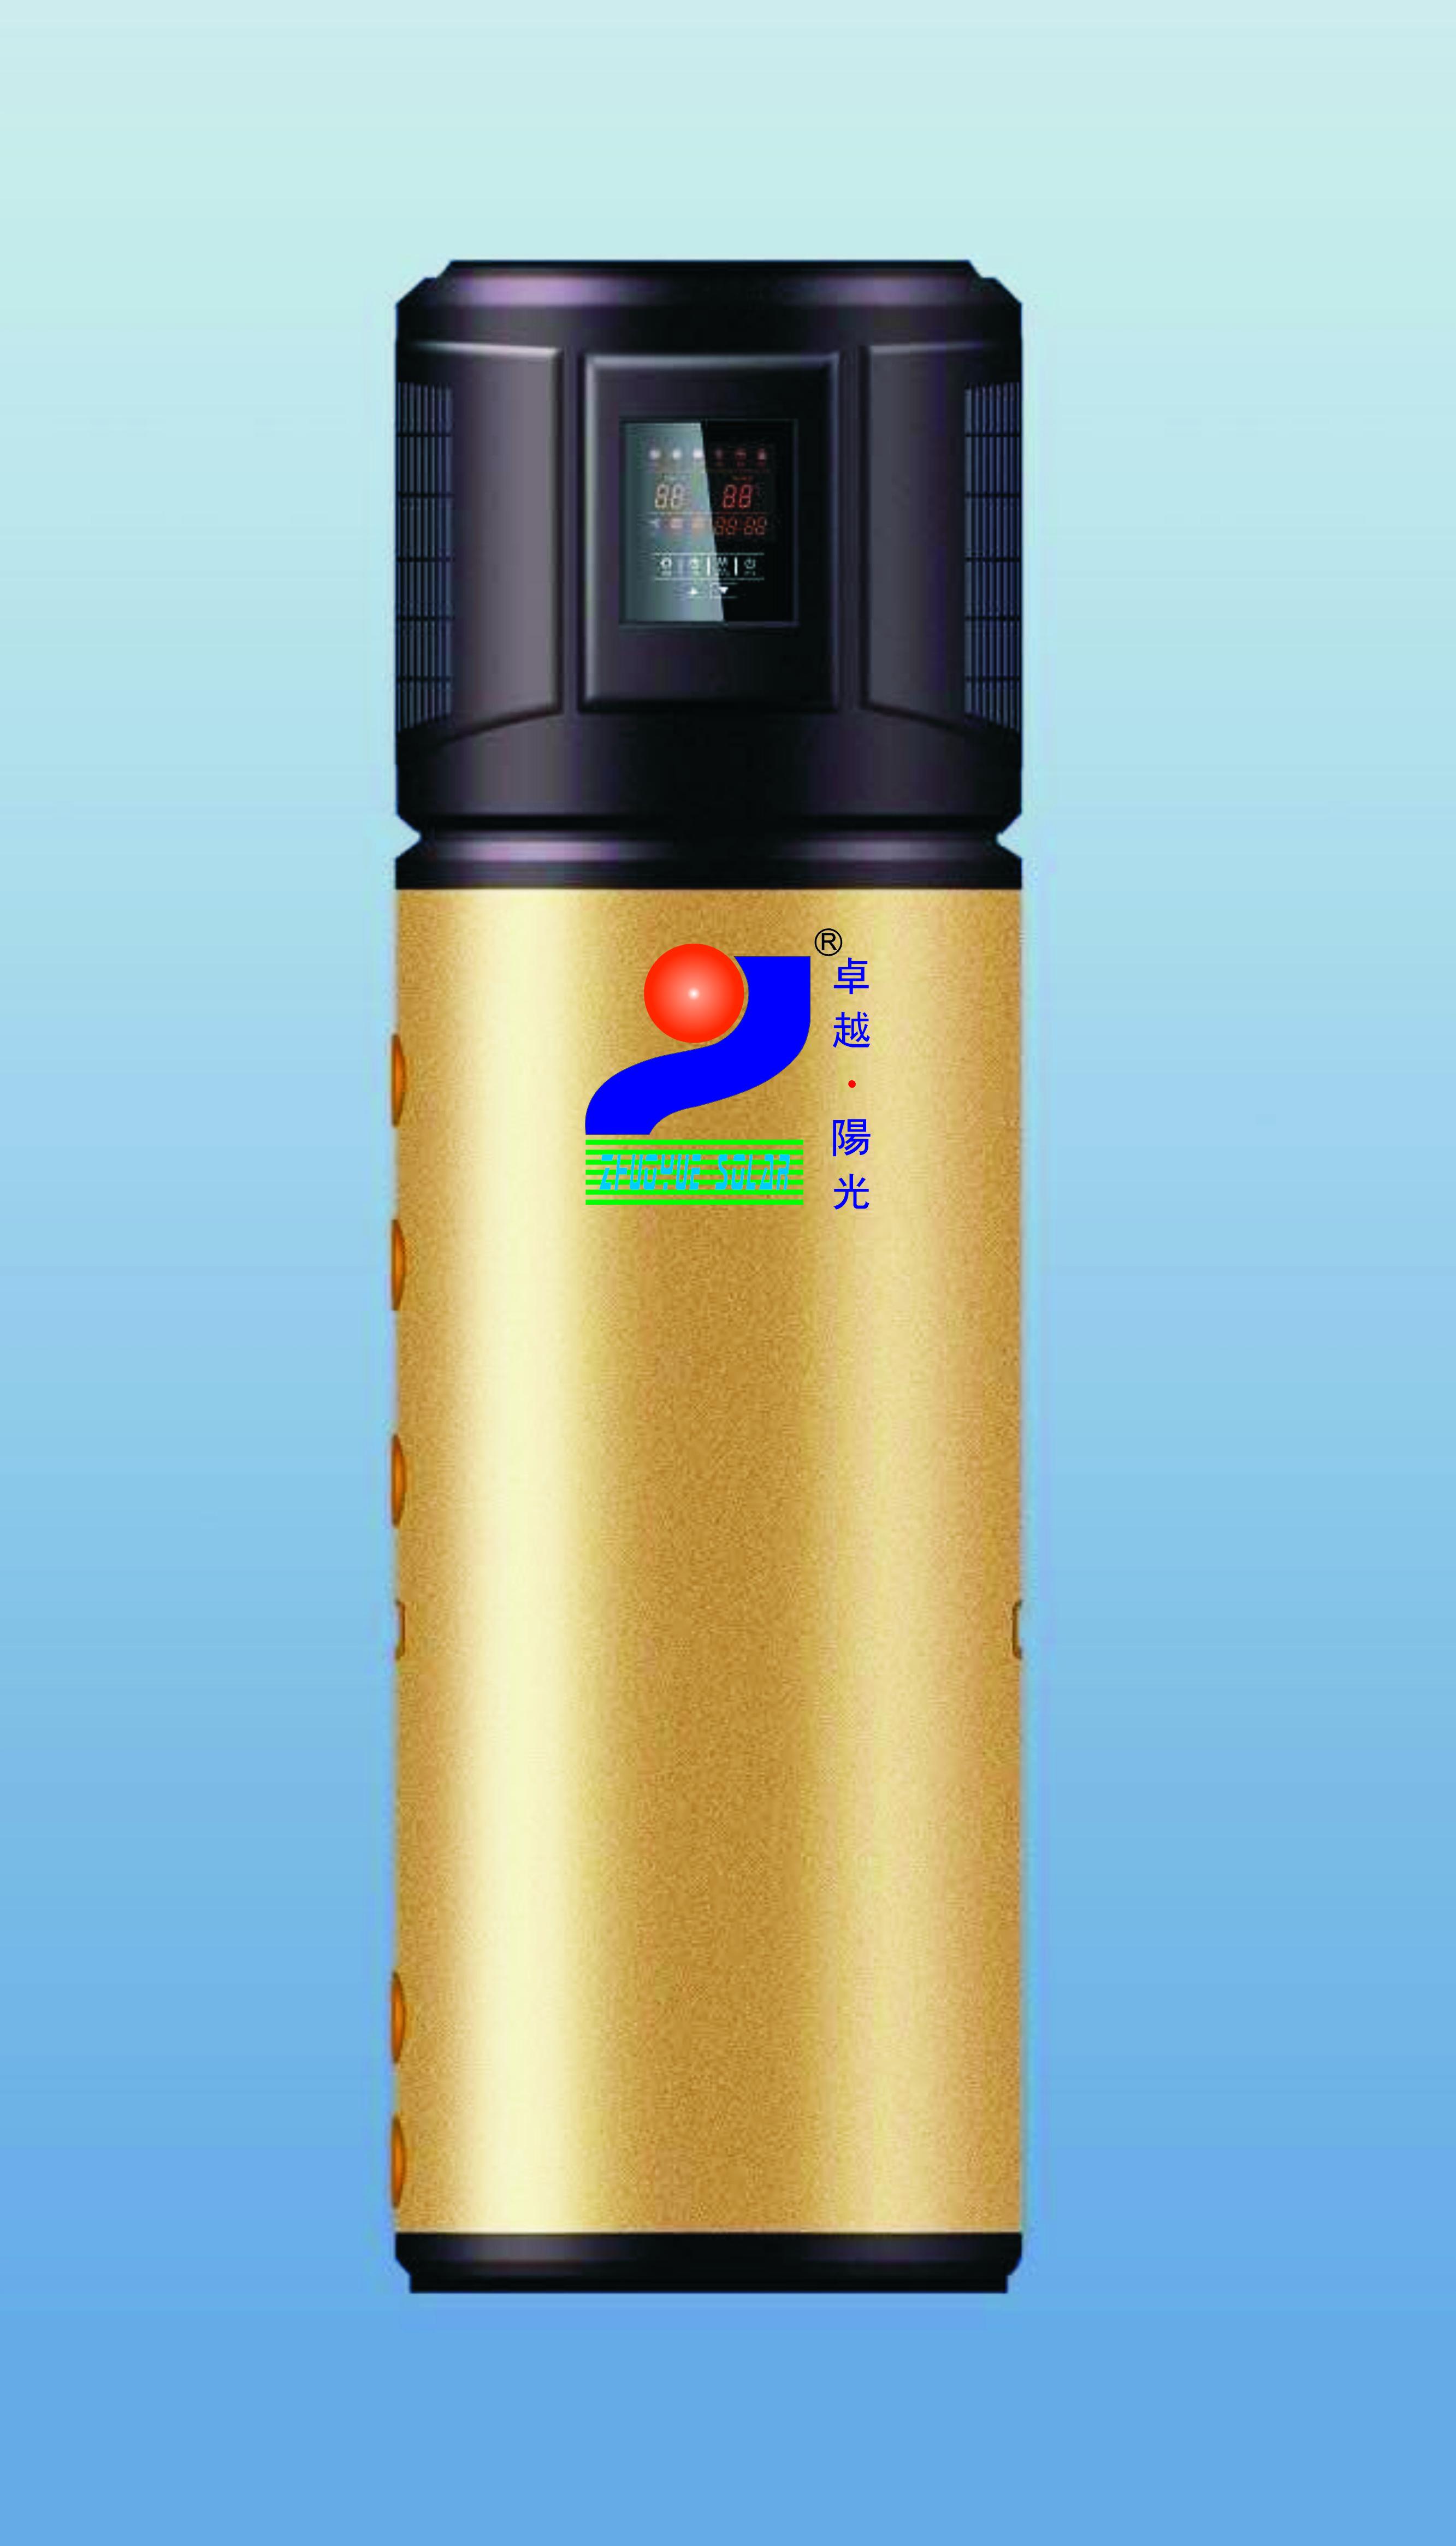 卓越空气能热水器_分水器相关-广东中投电器有限公司